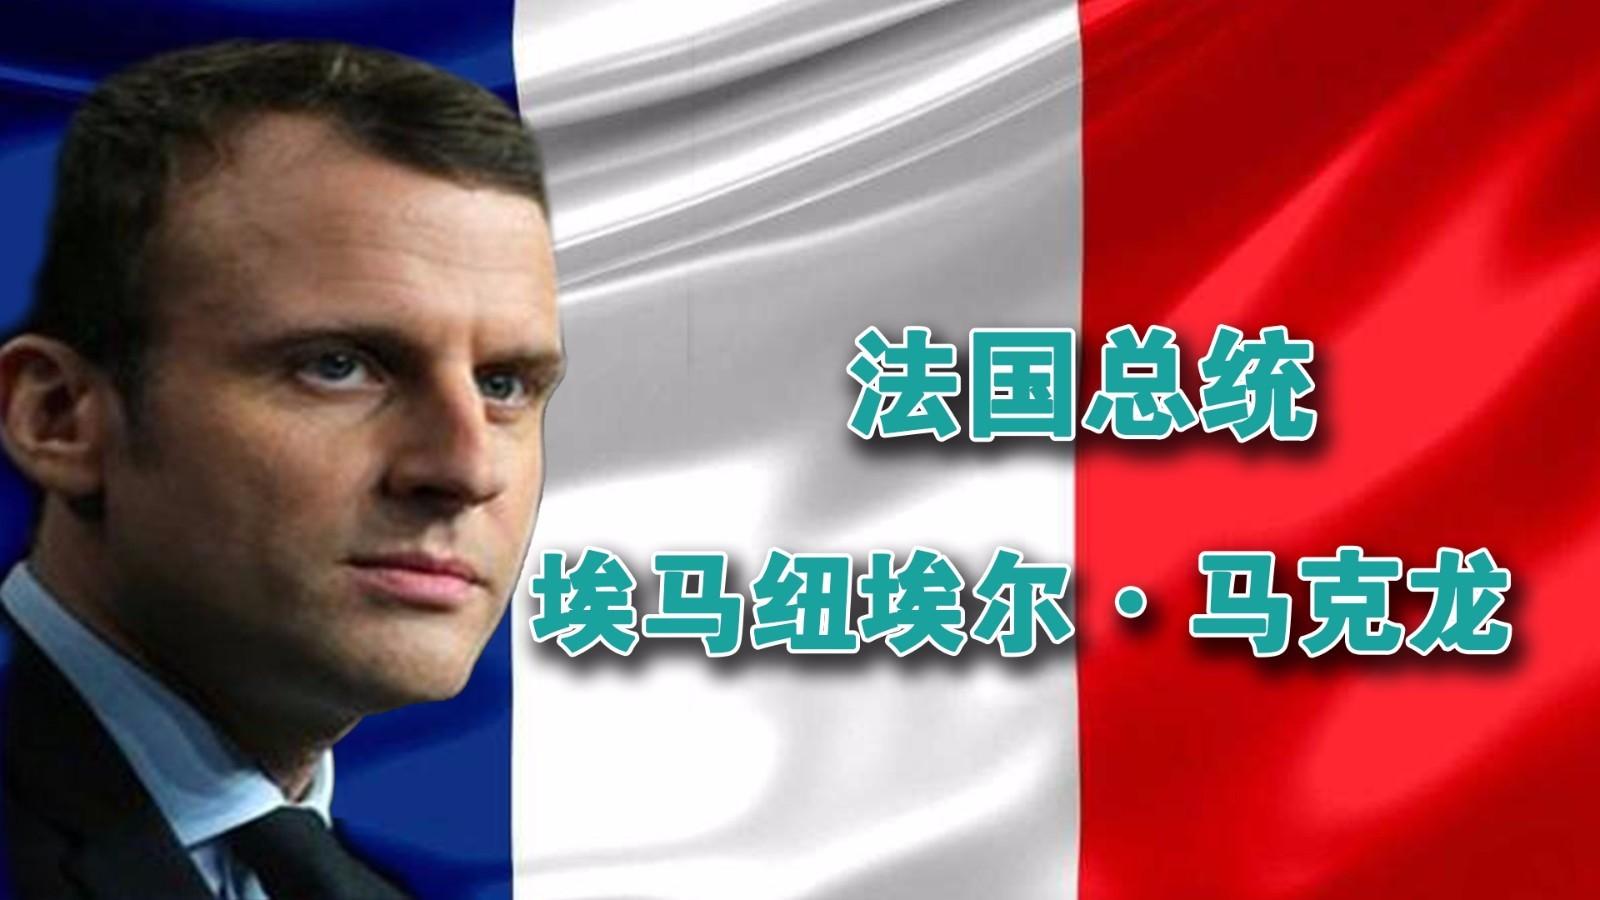 直击法国大选现场 马克龙当选新一届法国总统 - 钟儿丫 - 响铃垭人